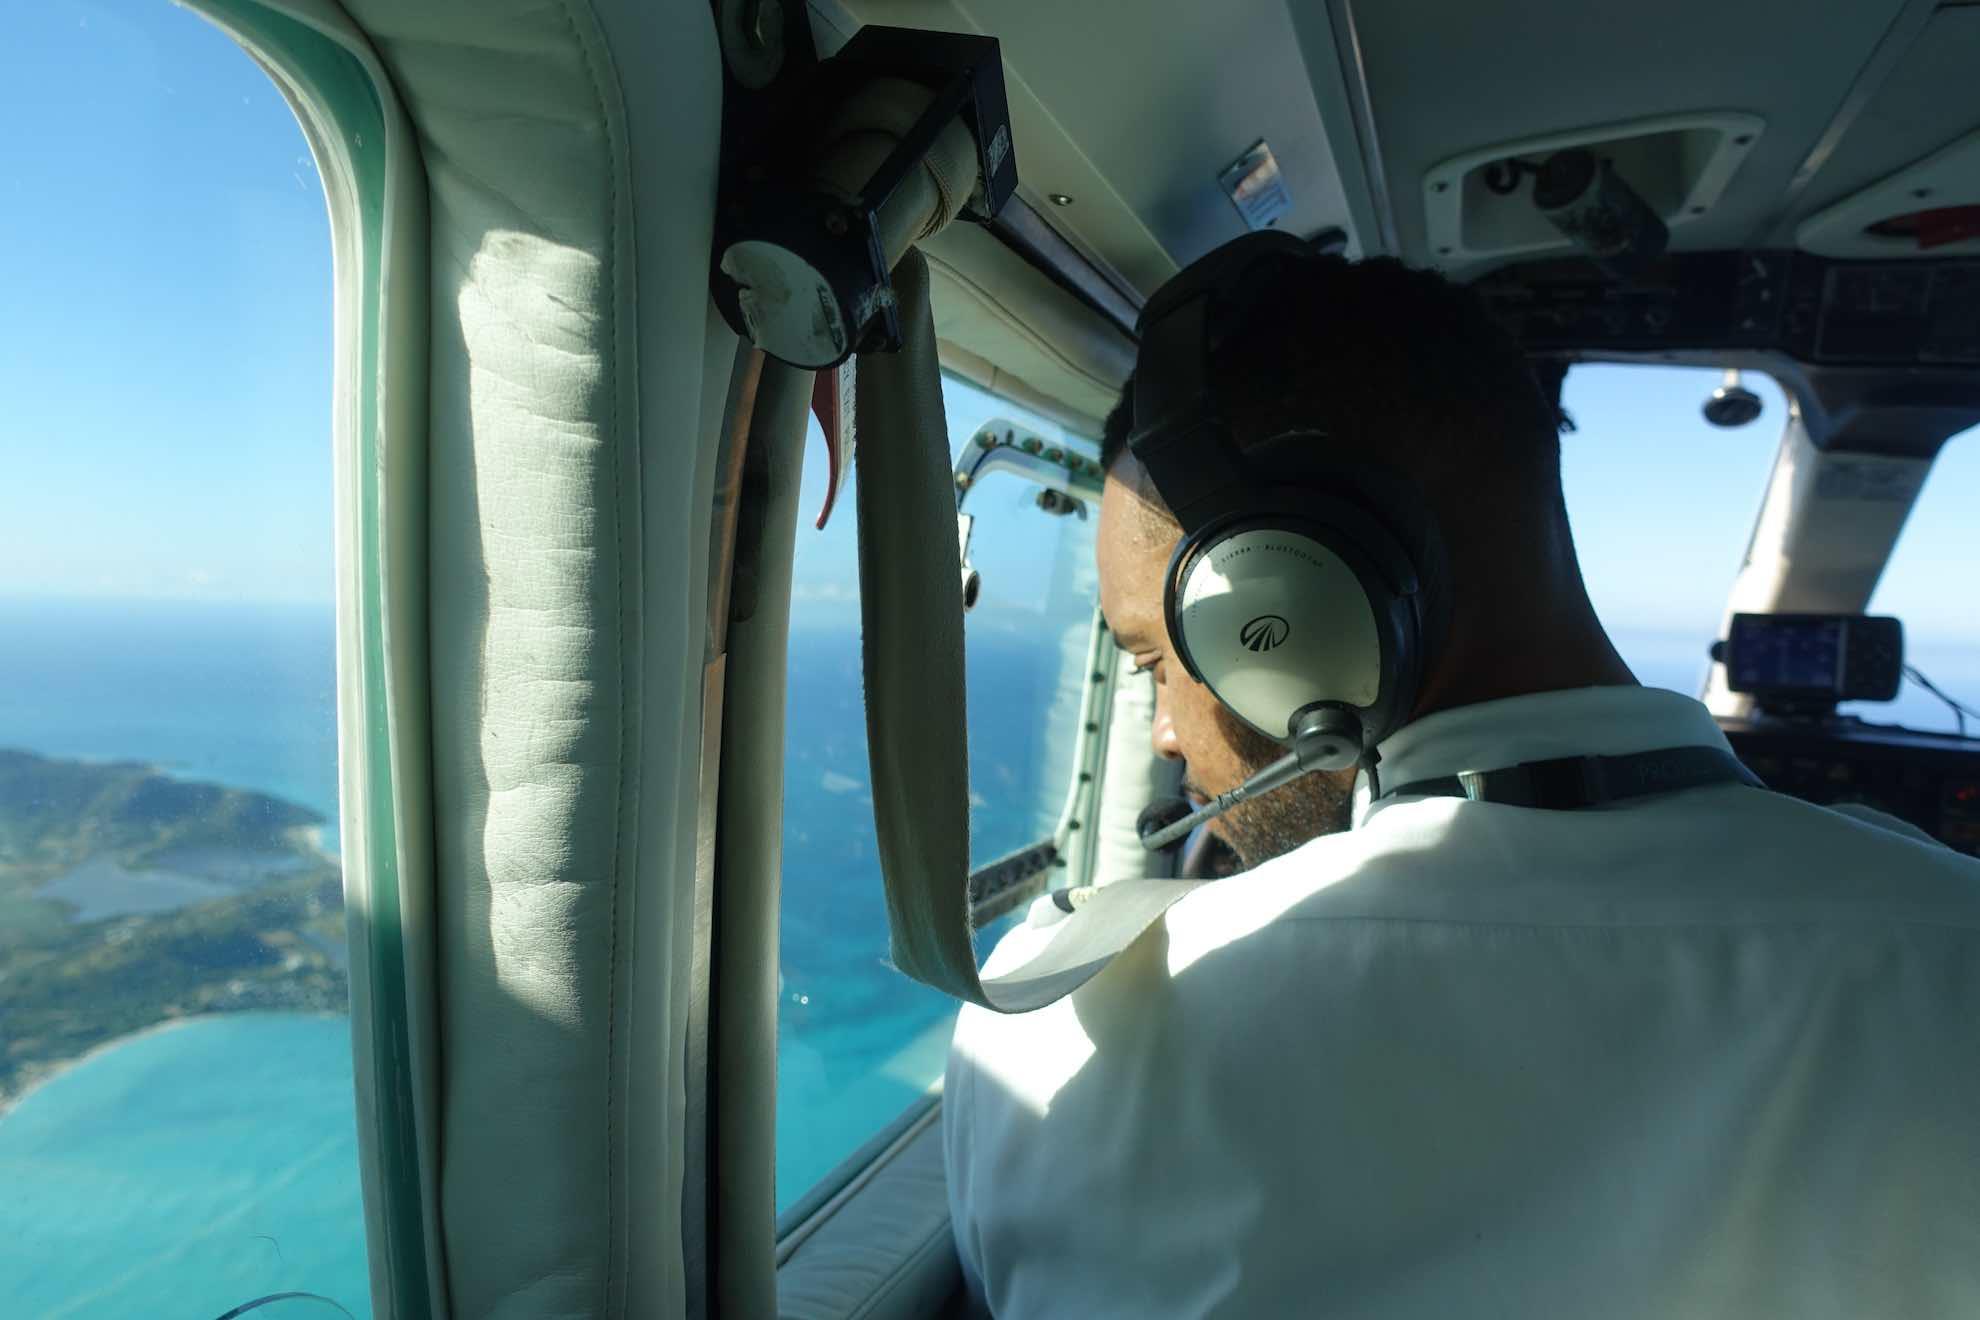 Als einzige Passagiere können wir dem Piloten über die Schulter schauen.